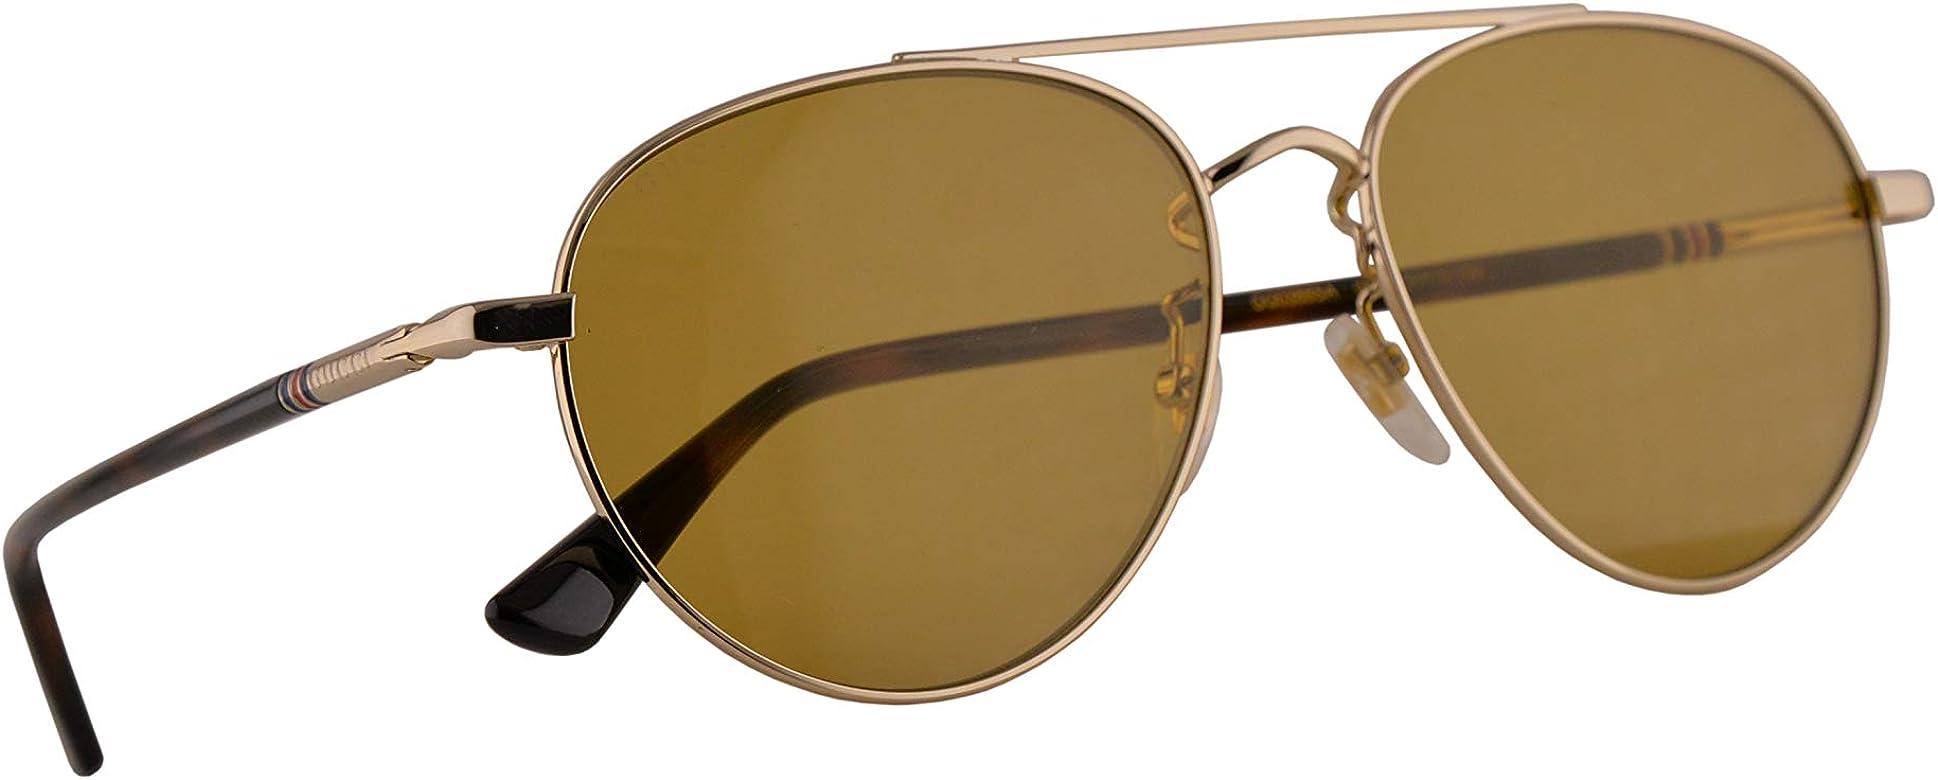 Gucci GG0388SA Gafas De Sol Dorado Con Lentes Marrón 56mm ...